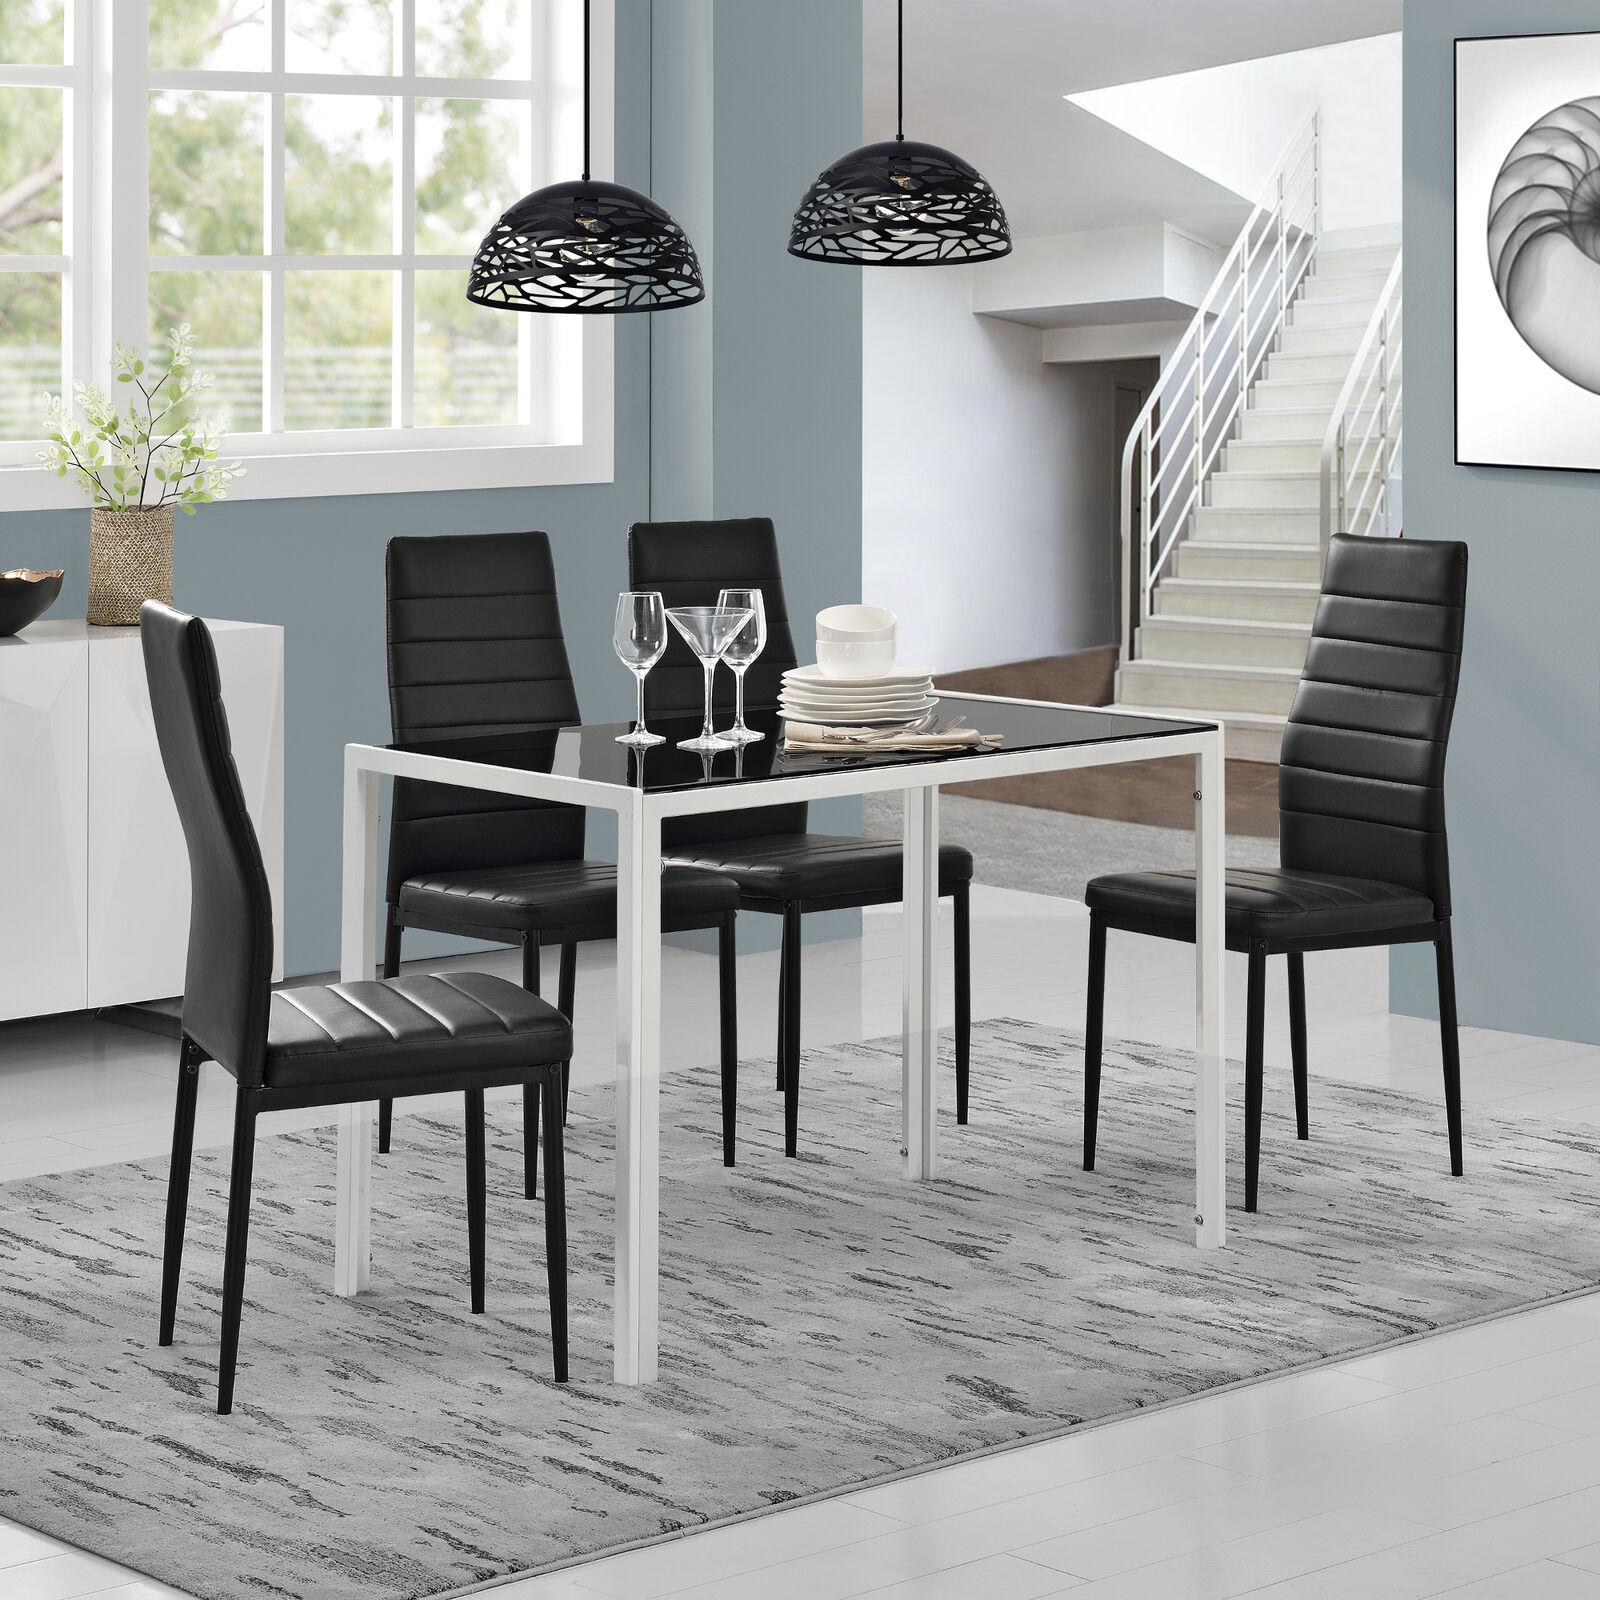 Esstisch + 4 Stühle schwarz/weiß Küchentisch Esszimmertisch Glas Tisch 63